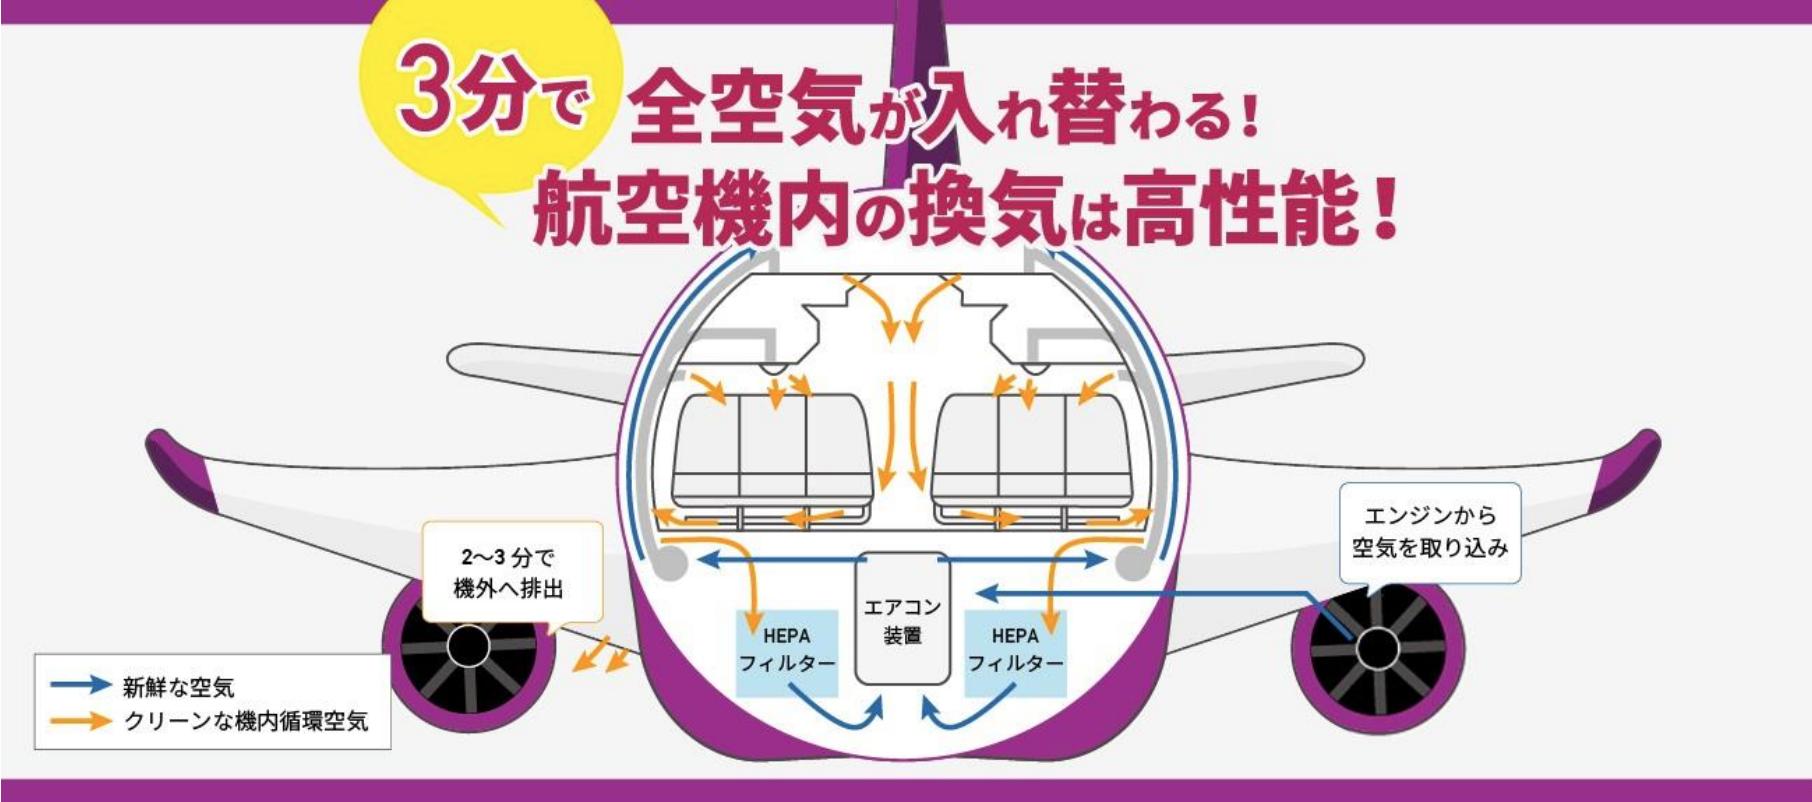 アイベックス、6月に福岡/仙台線など7路線で減便 4路線でダイヤ変更